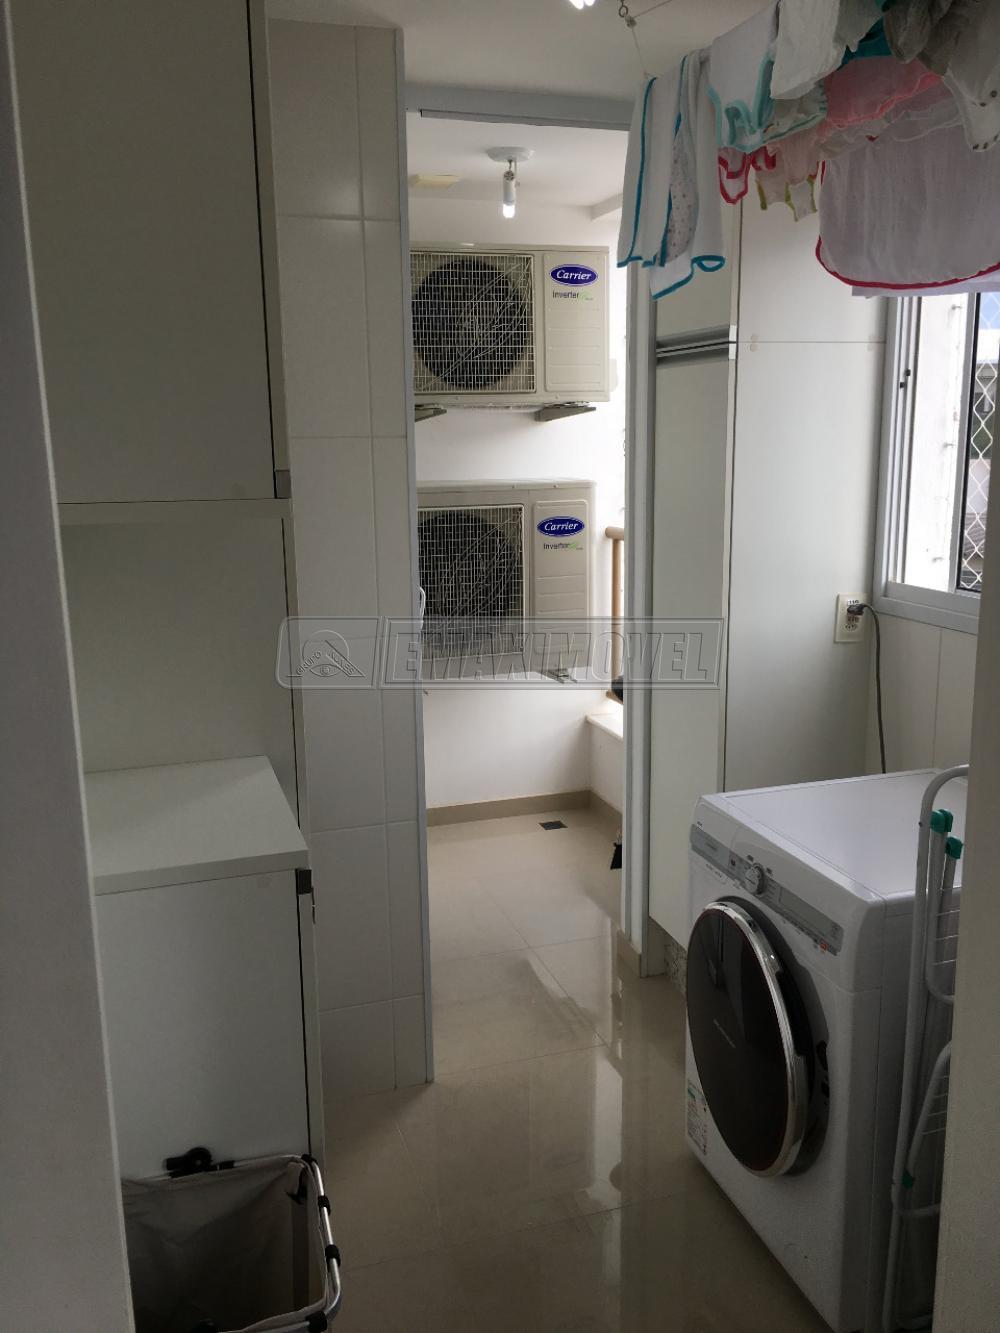 Comprar Apartamentos / Apto Padrão em Sorocaba apenas R$ 580.000,00 - Foto 20